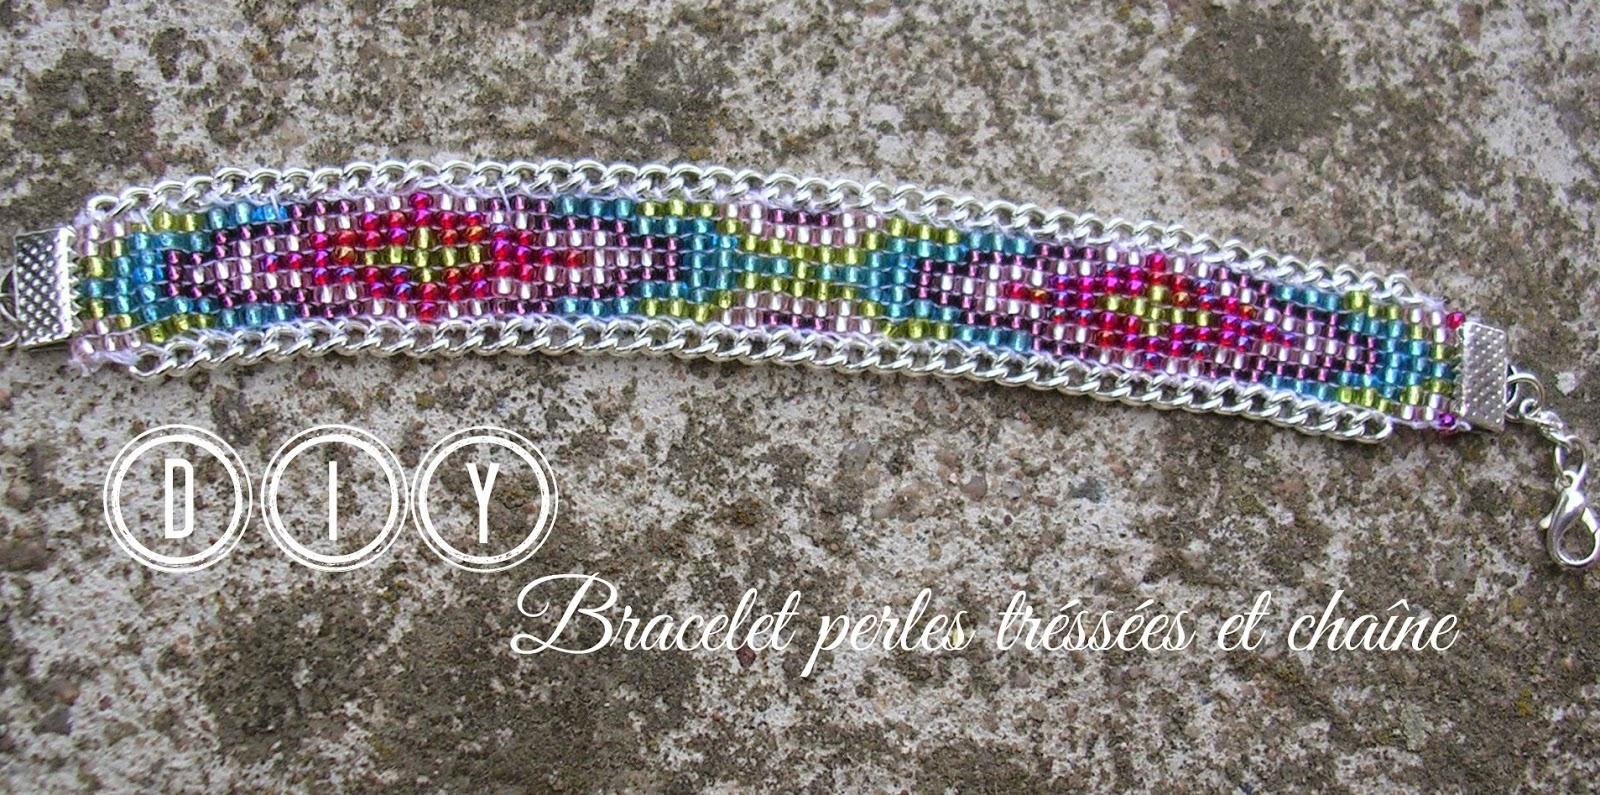 boucle d 39 aure diy bracelet perles tiss es et chaine. Black Bedroom Furniture Sets. Home Design Ideas